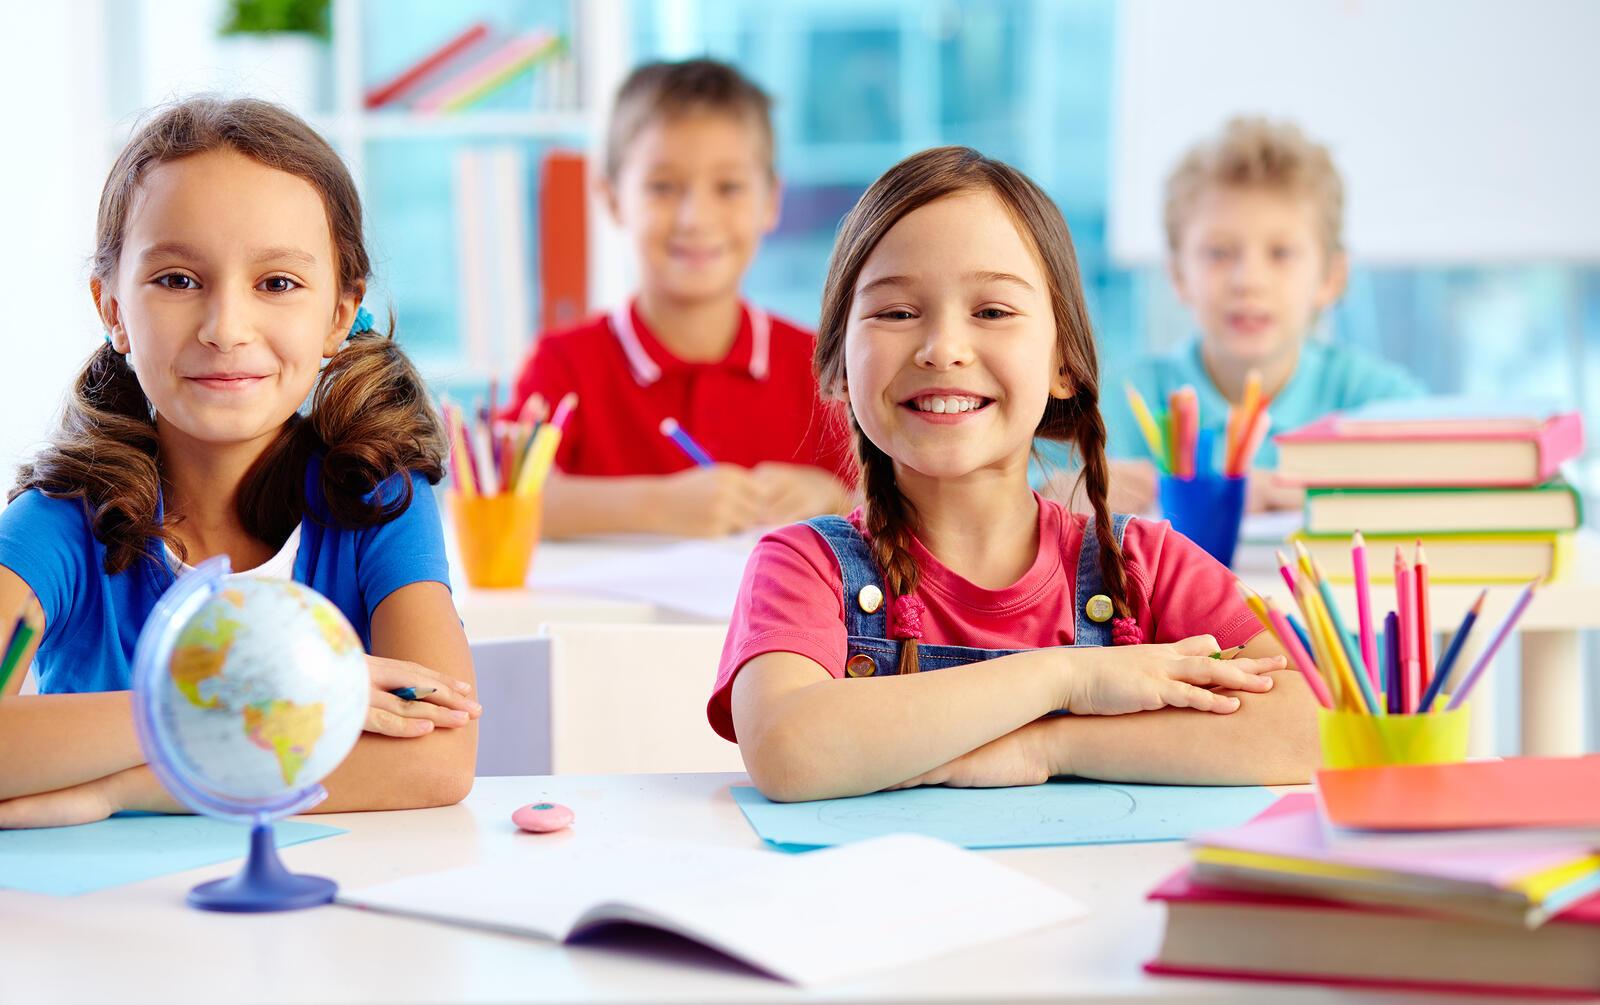 Επιστροφή στο σχολείο | My Lefkada